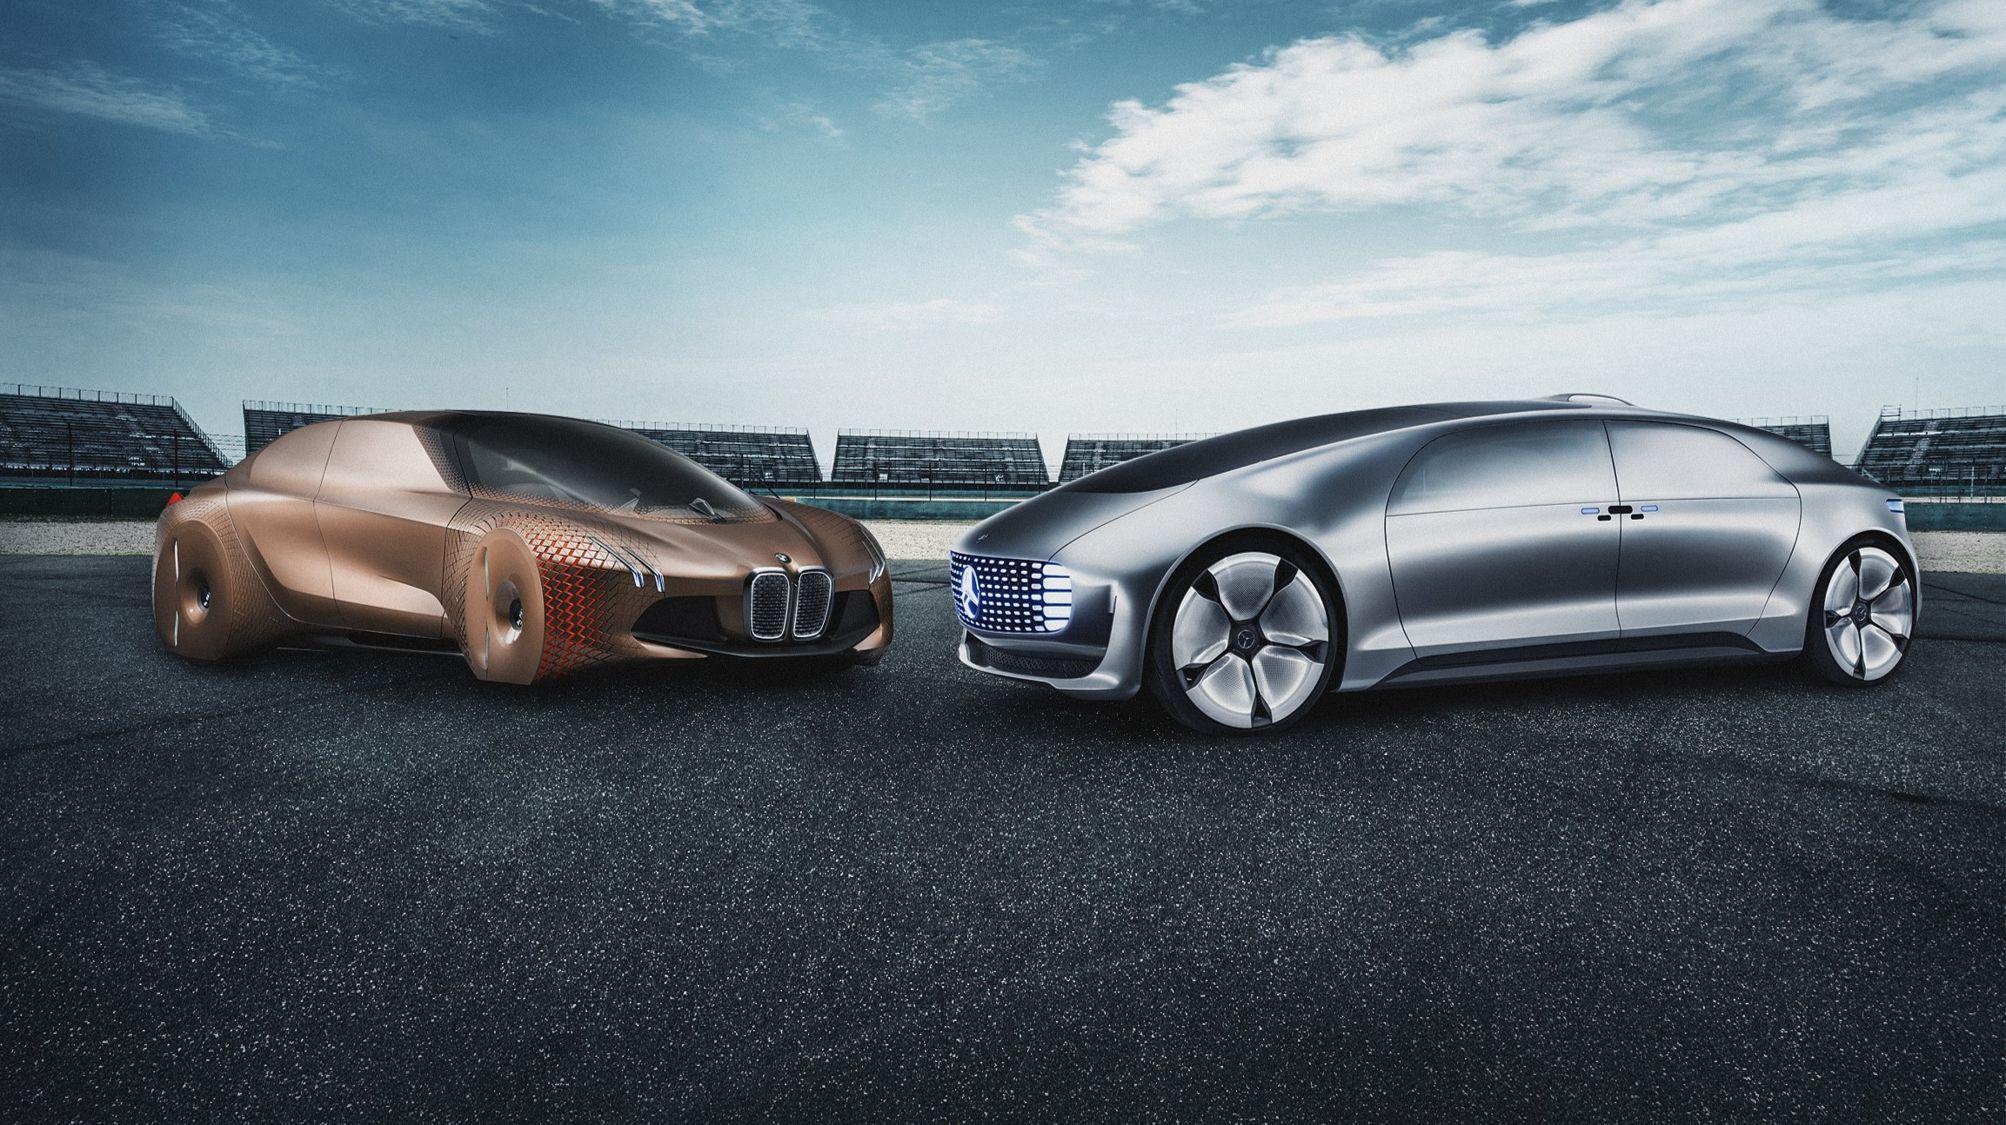 宝马与戴姆勒联手开发自动驾驶 应对利润危机